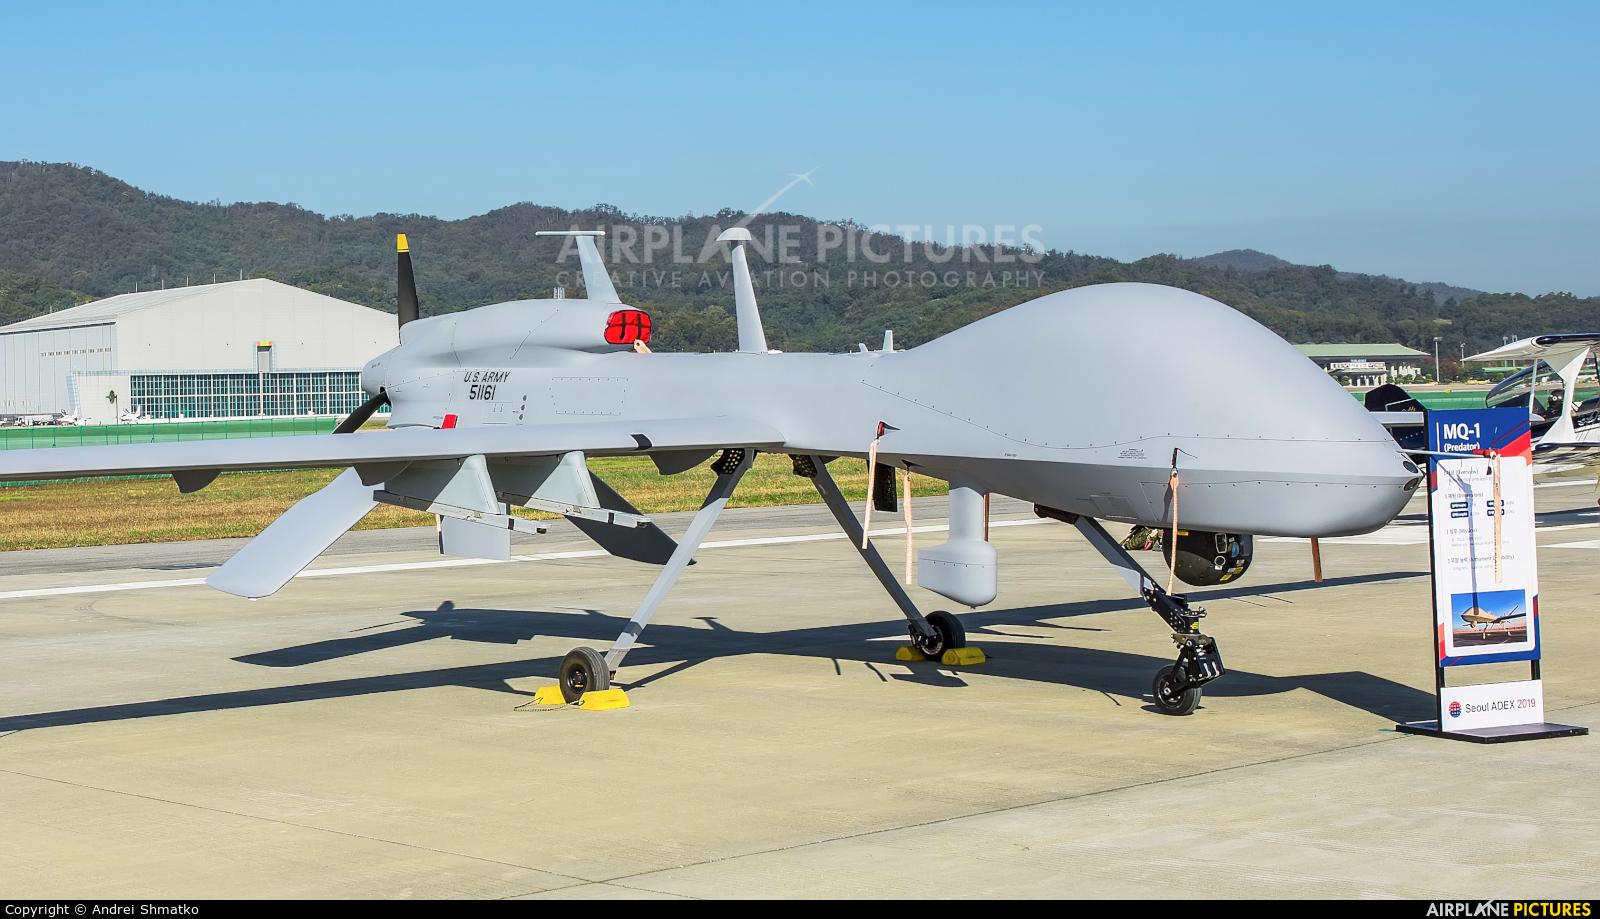 USA - Army 51161 aircraft at Seongnam AB